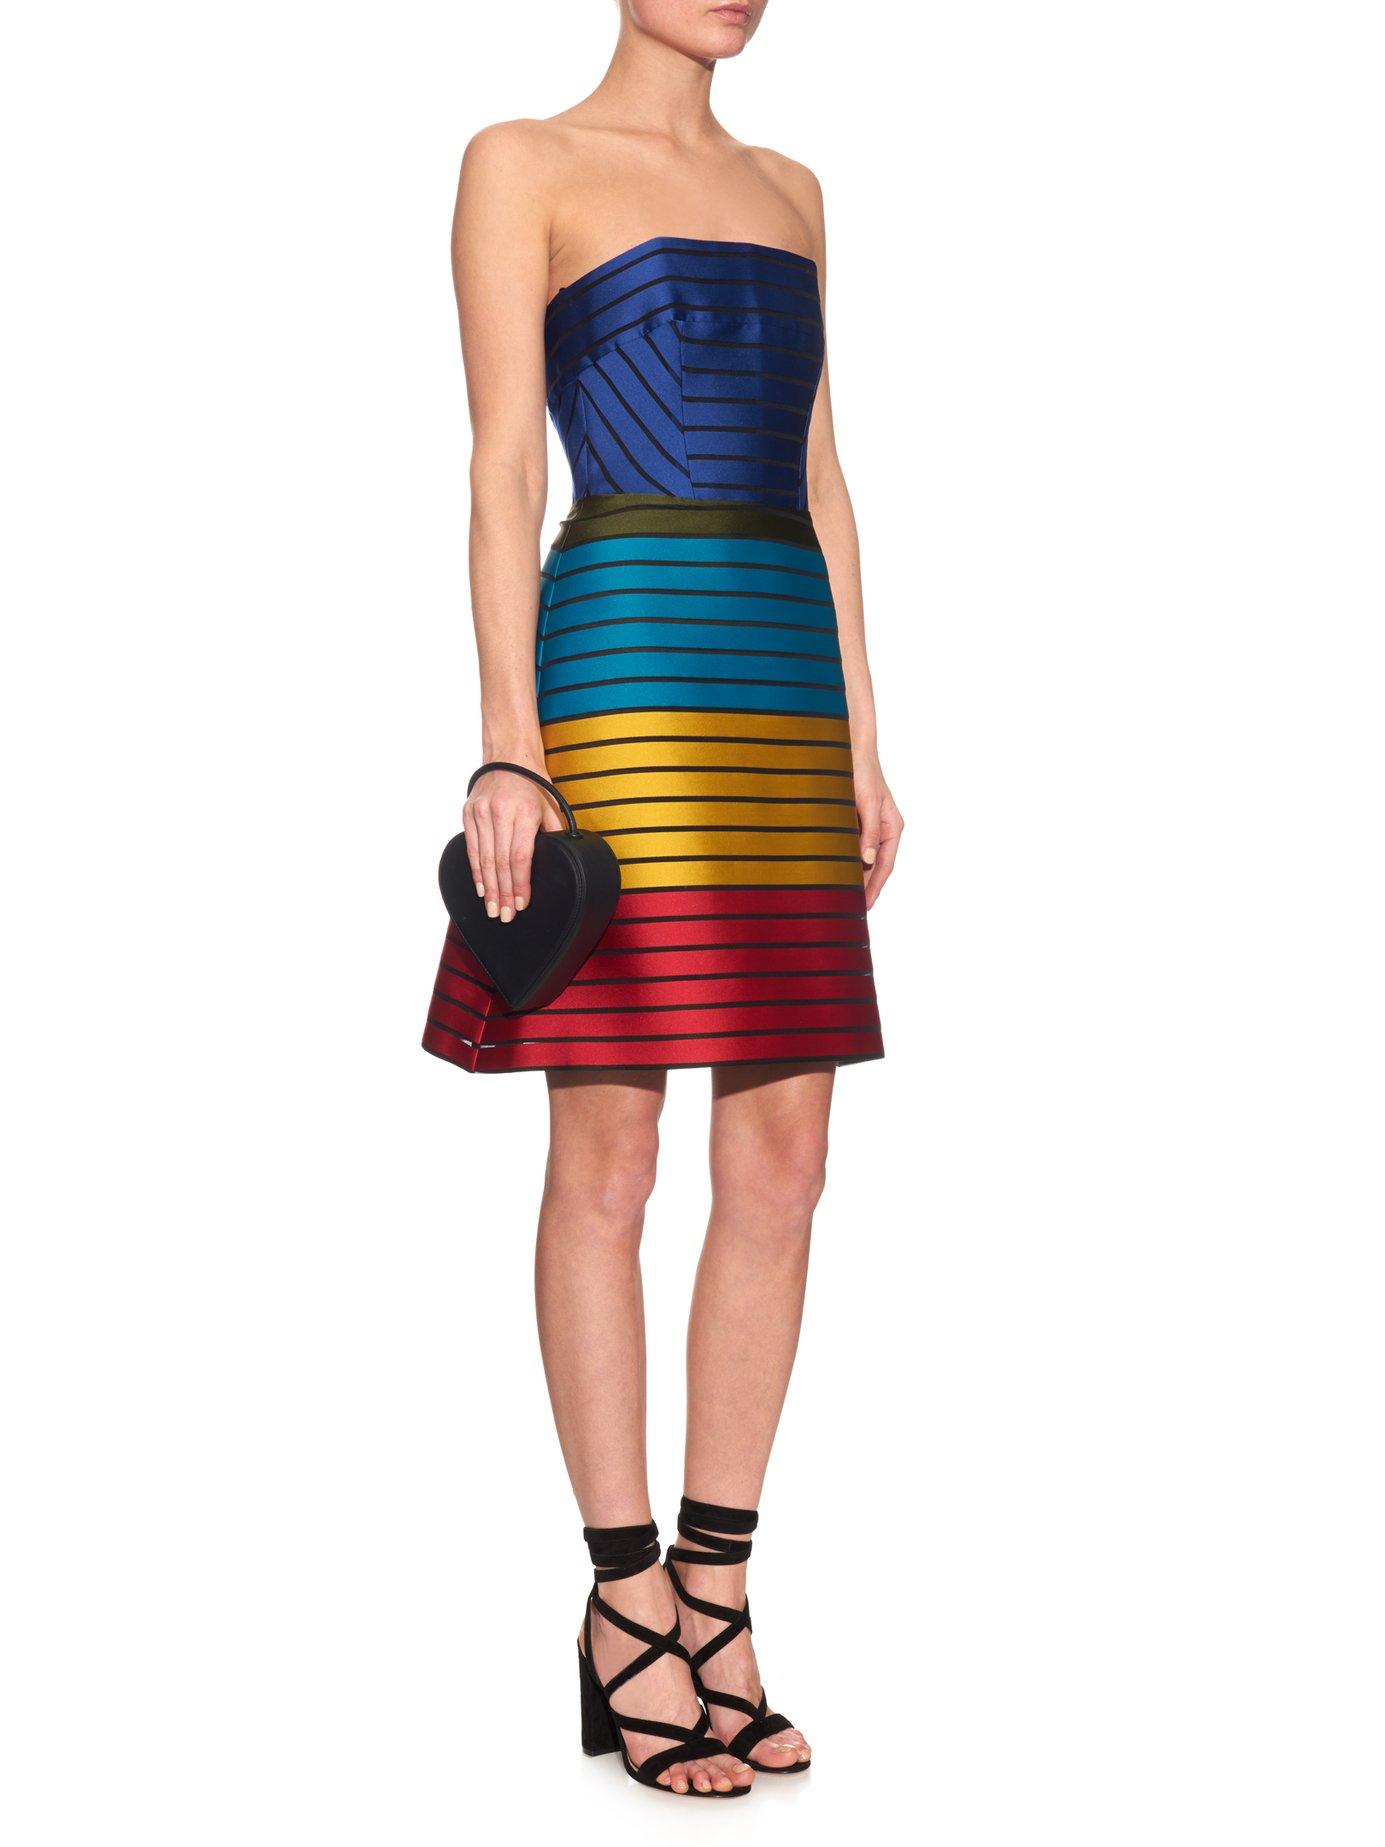 Freesia strapless striped colour-block dress by Mary Katrantzou